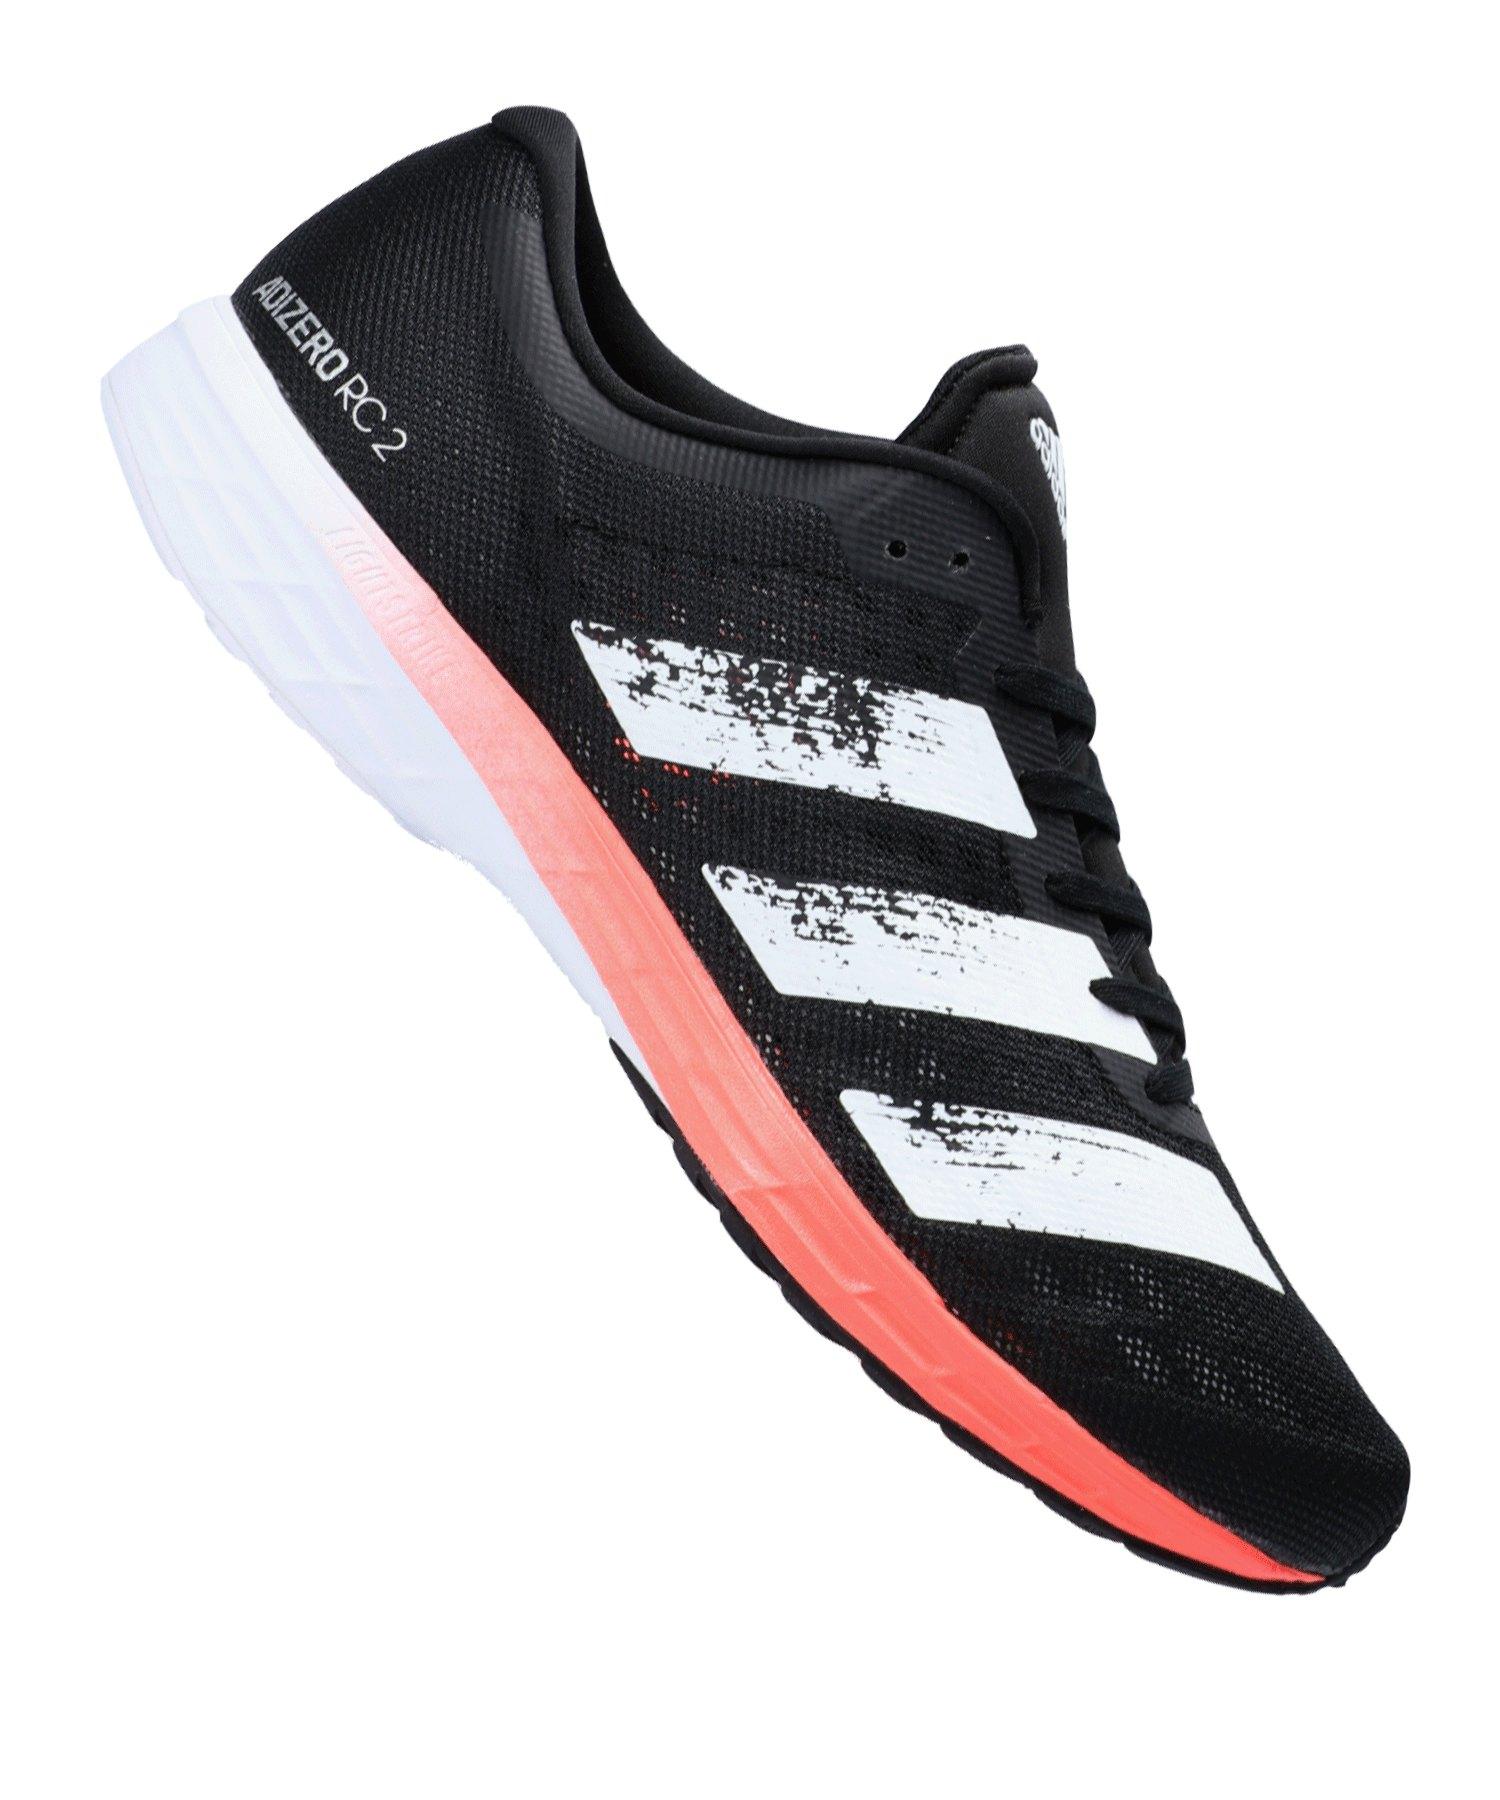 Adidas adiZero Ace Boost 7 für 30€ Running Schuh bis Größe